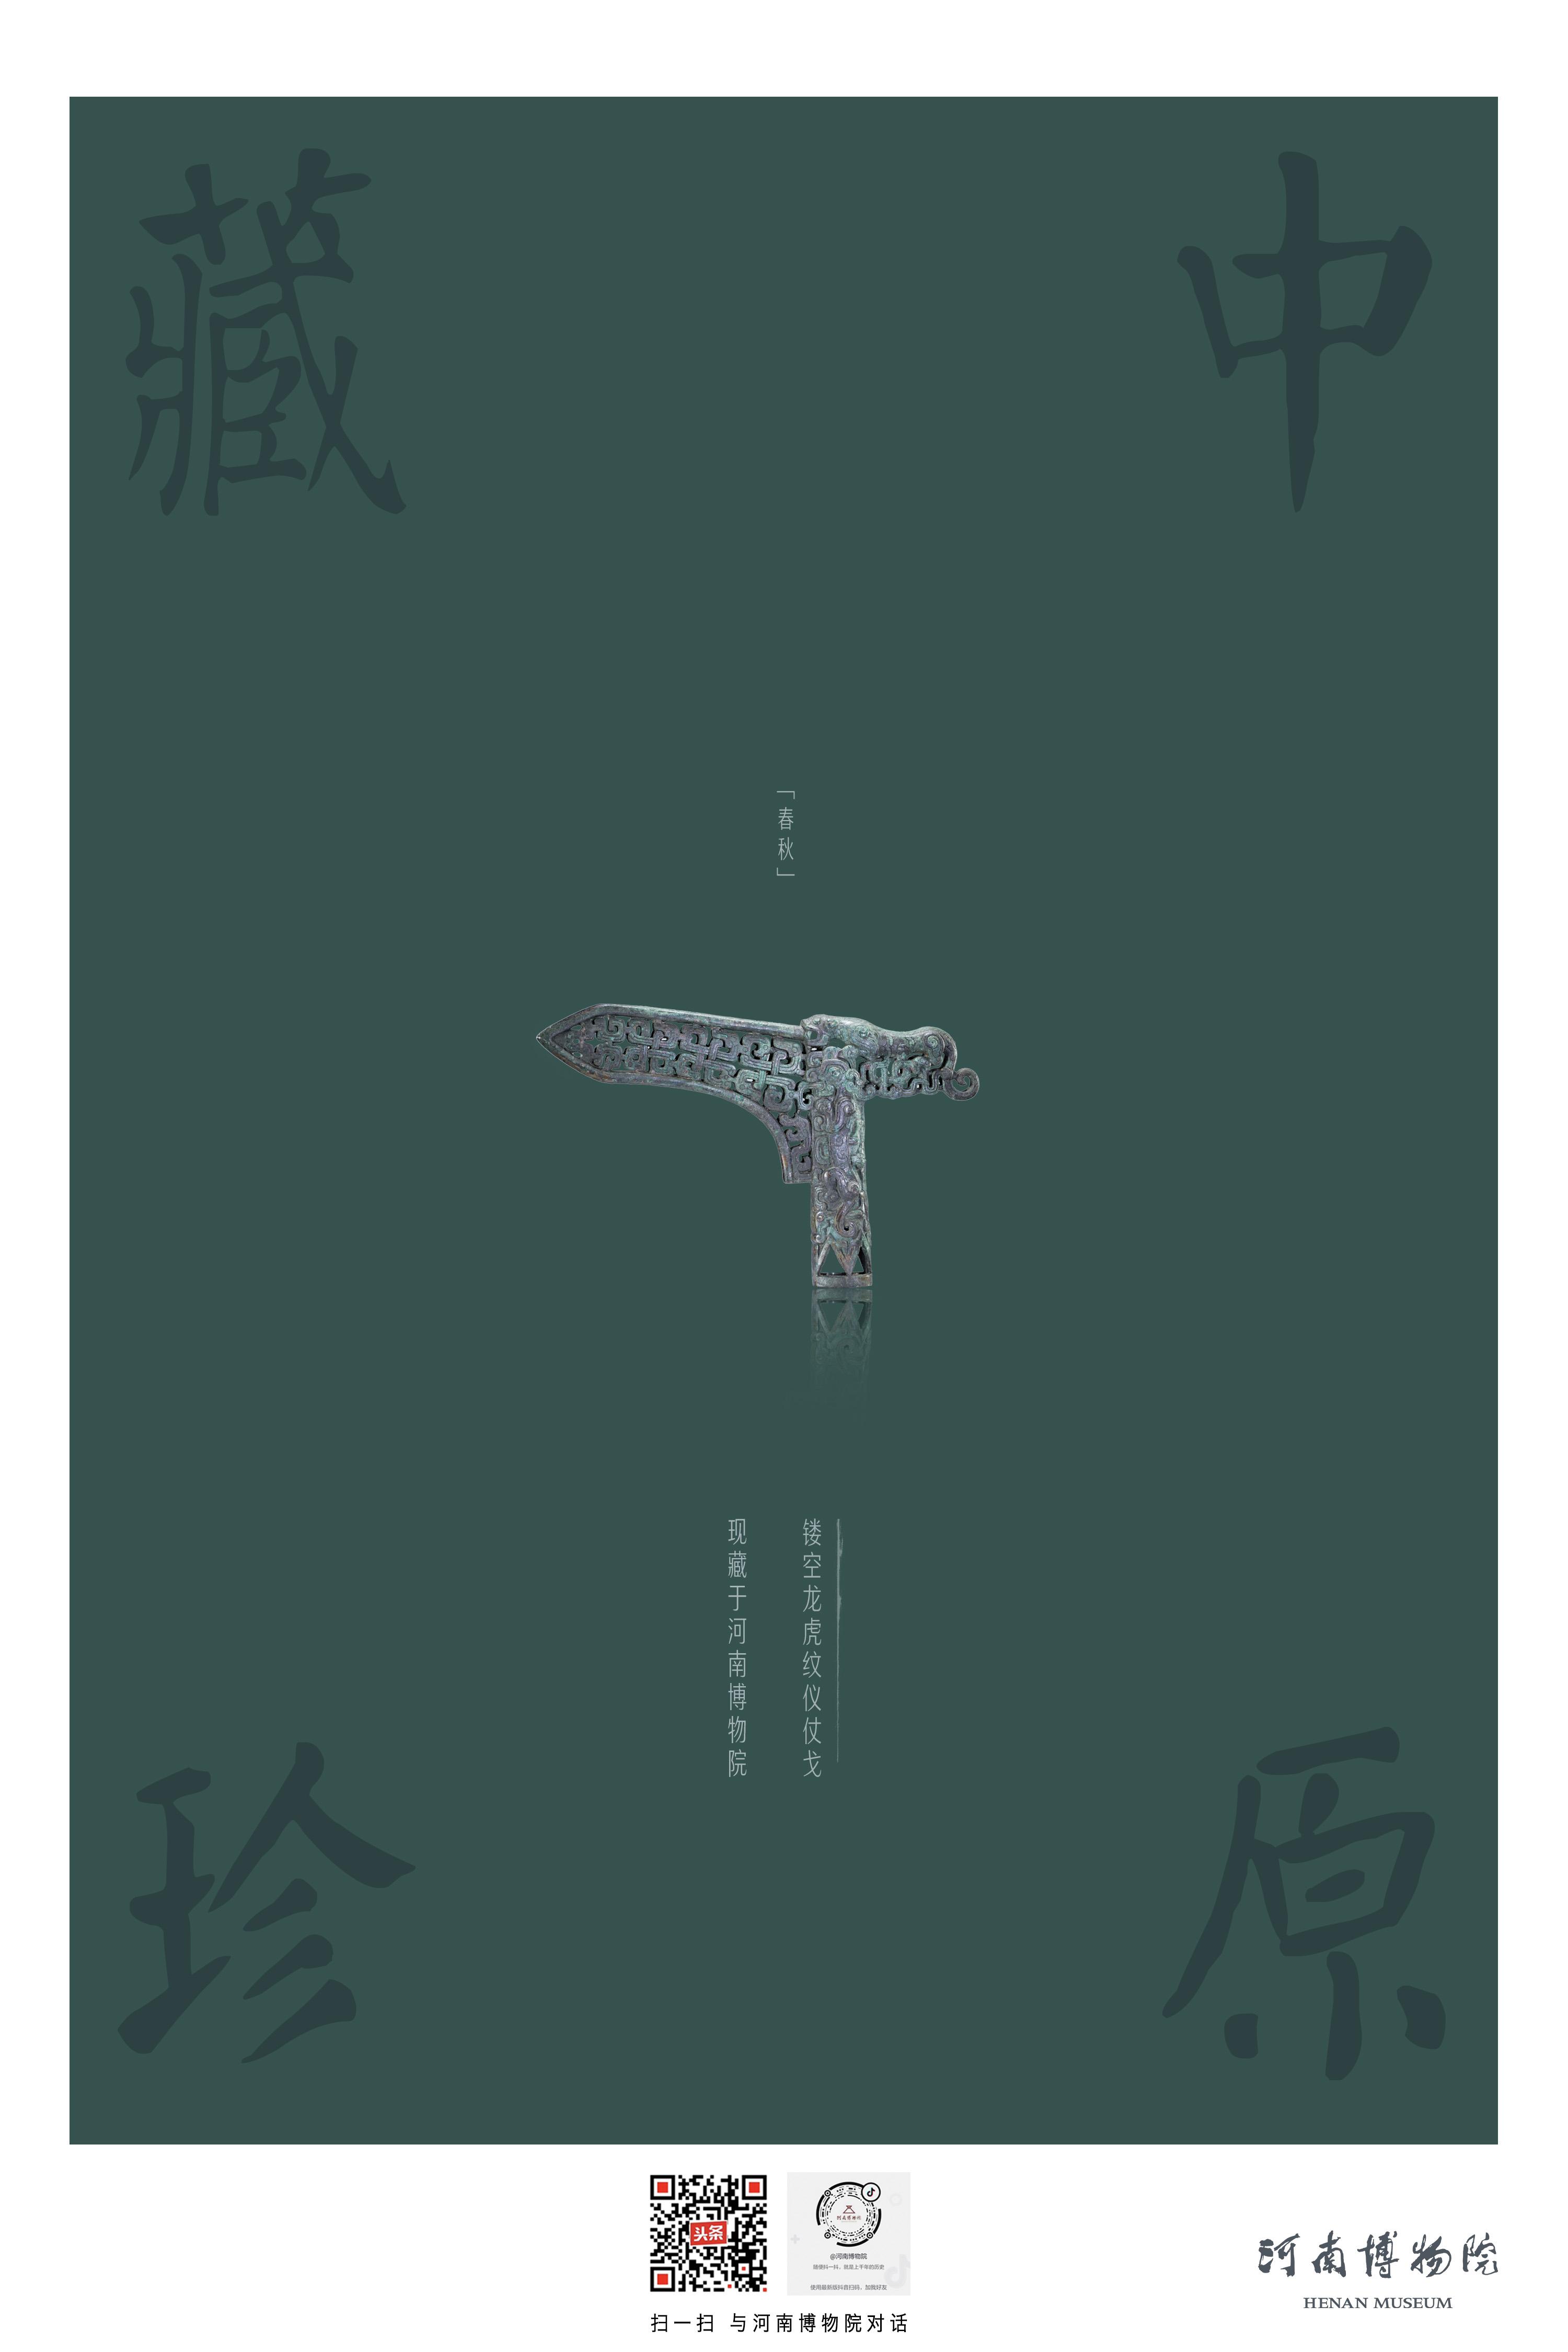 第十六集-镂空龙虎纹仪仗戈